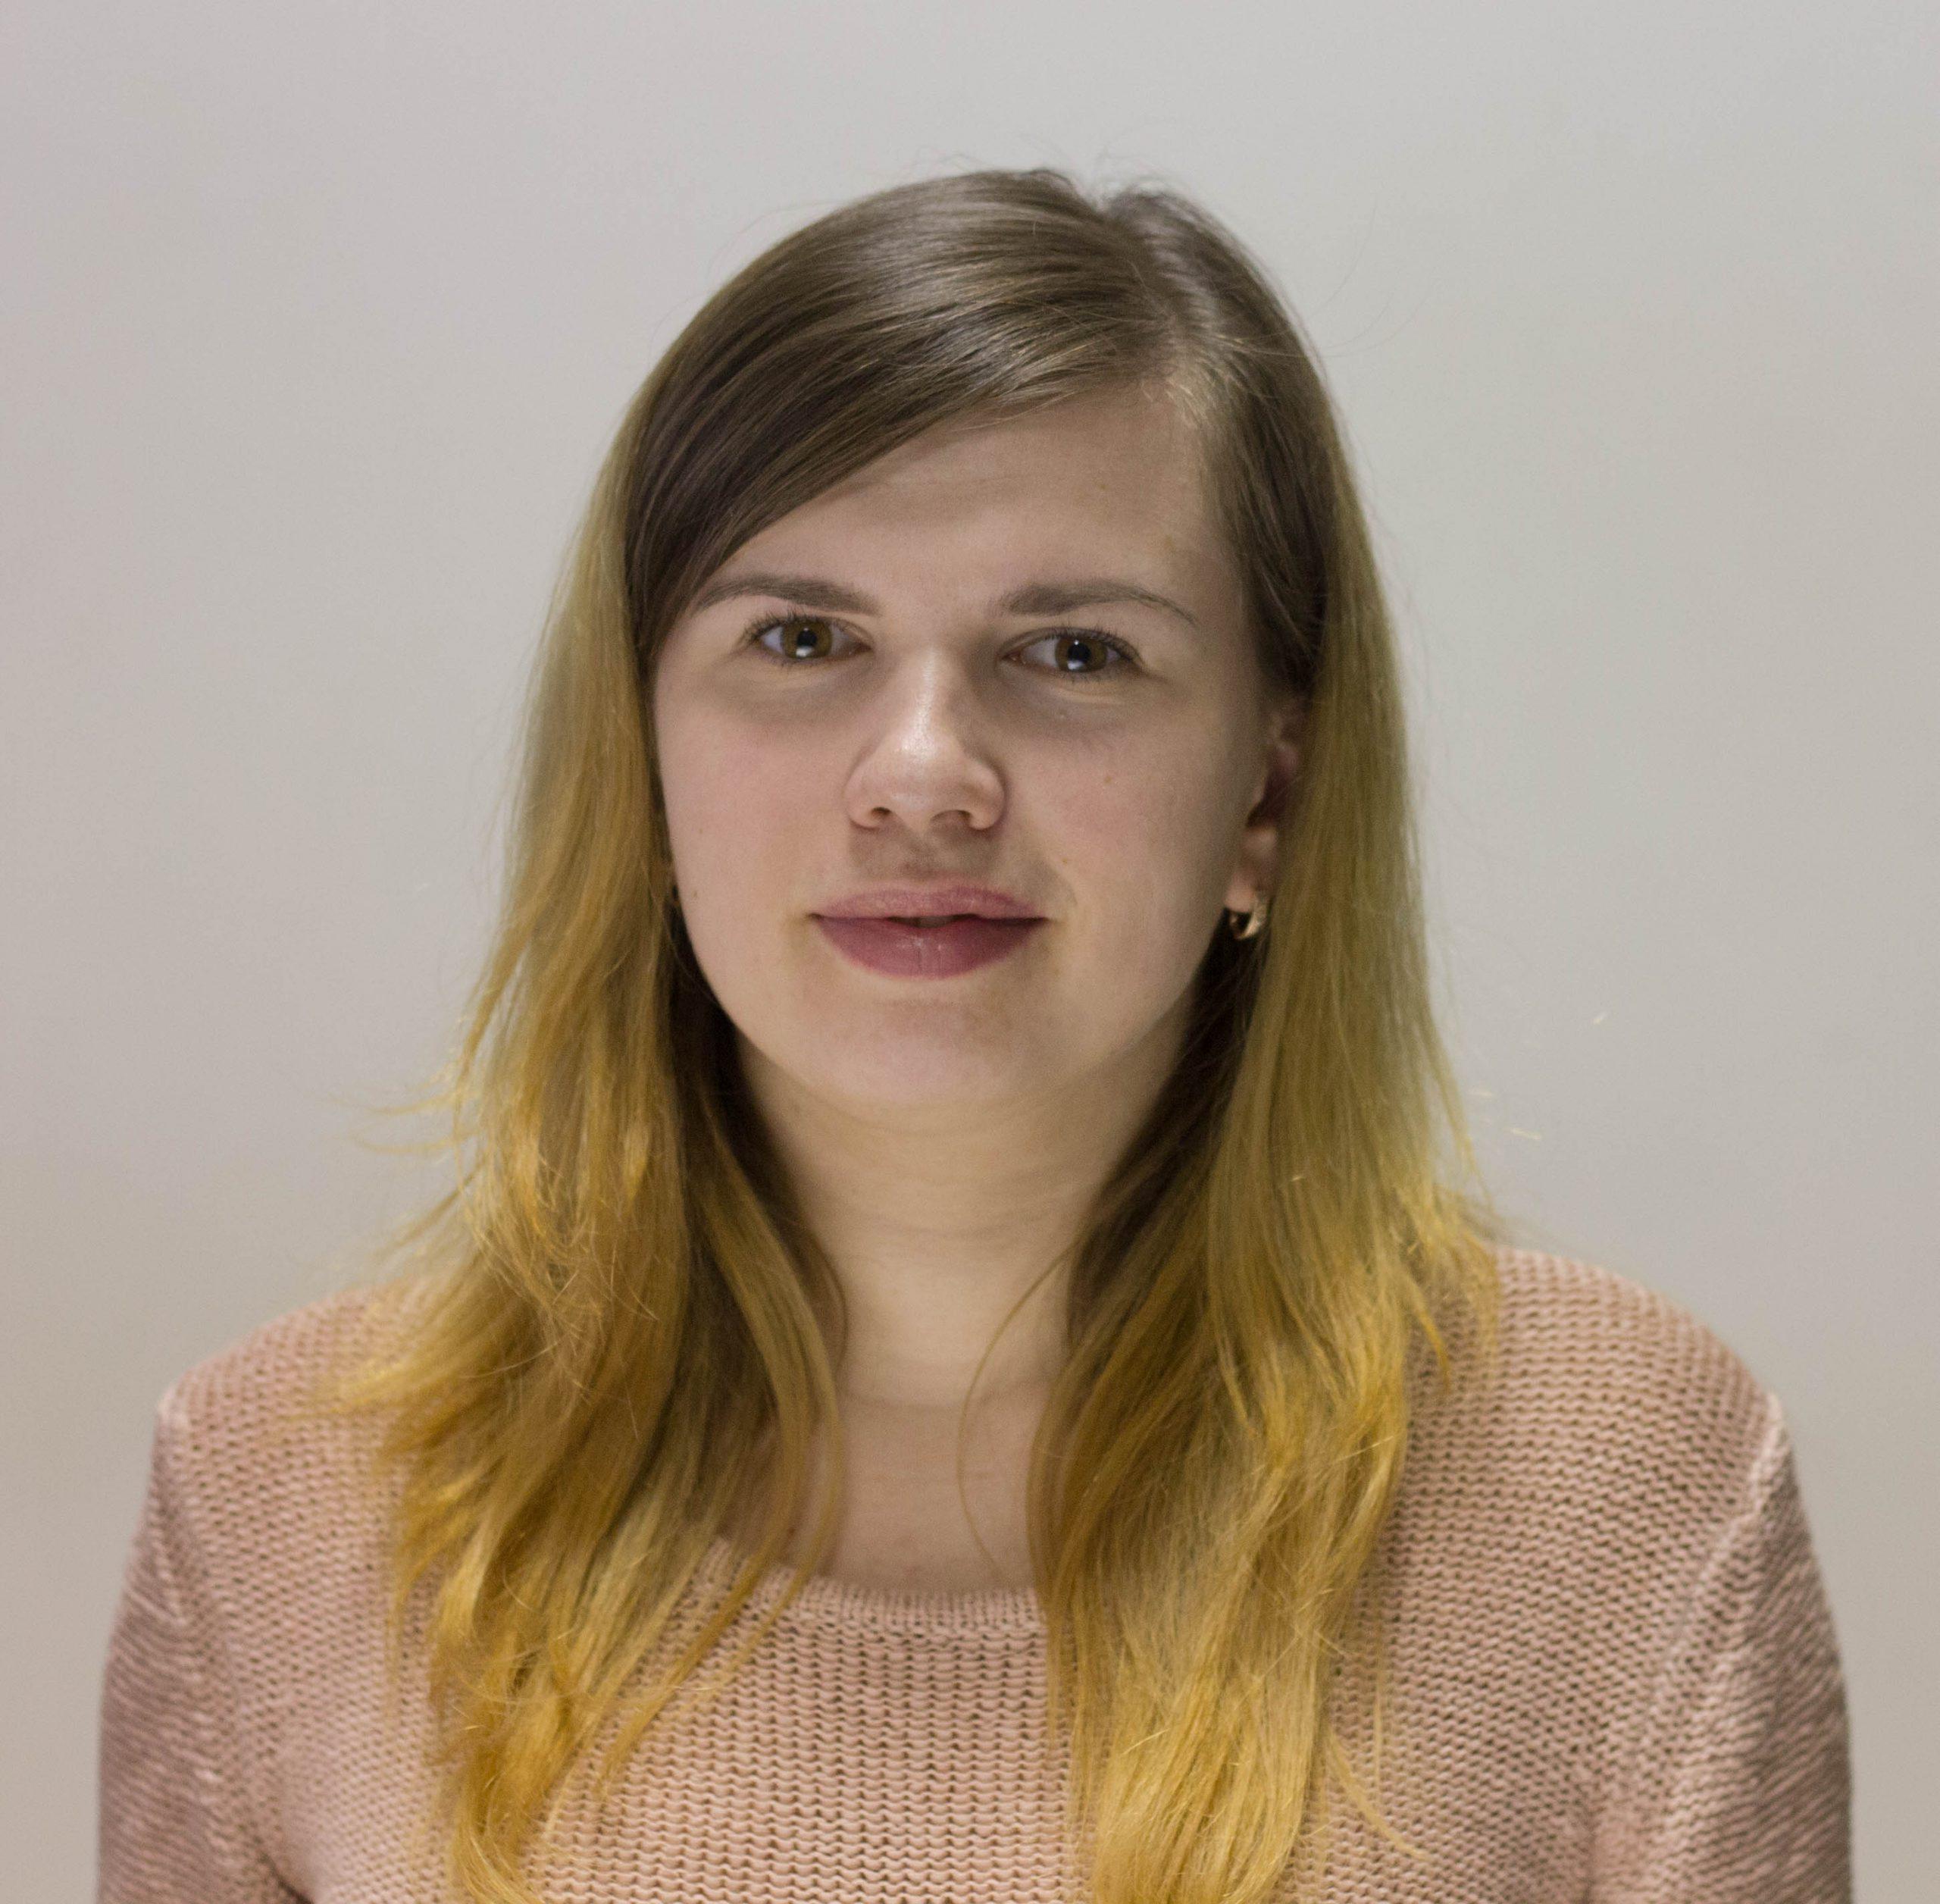 Шумилова Татьяна Андреевна              Преподаватель геодезии